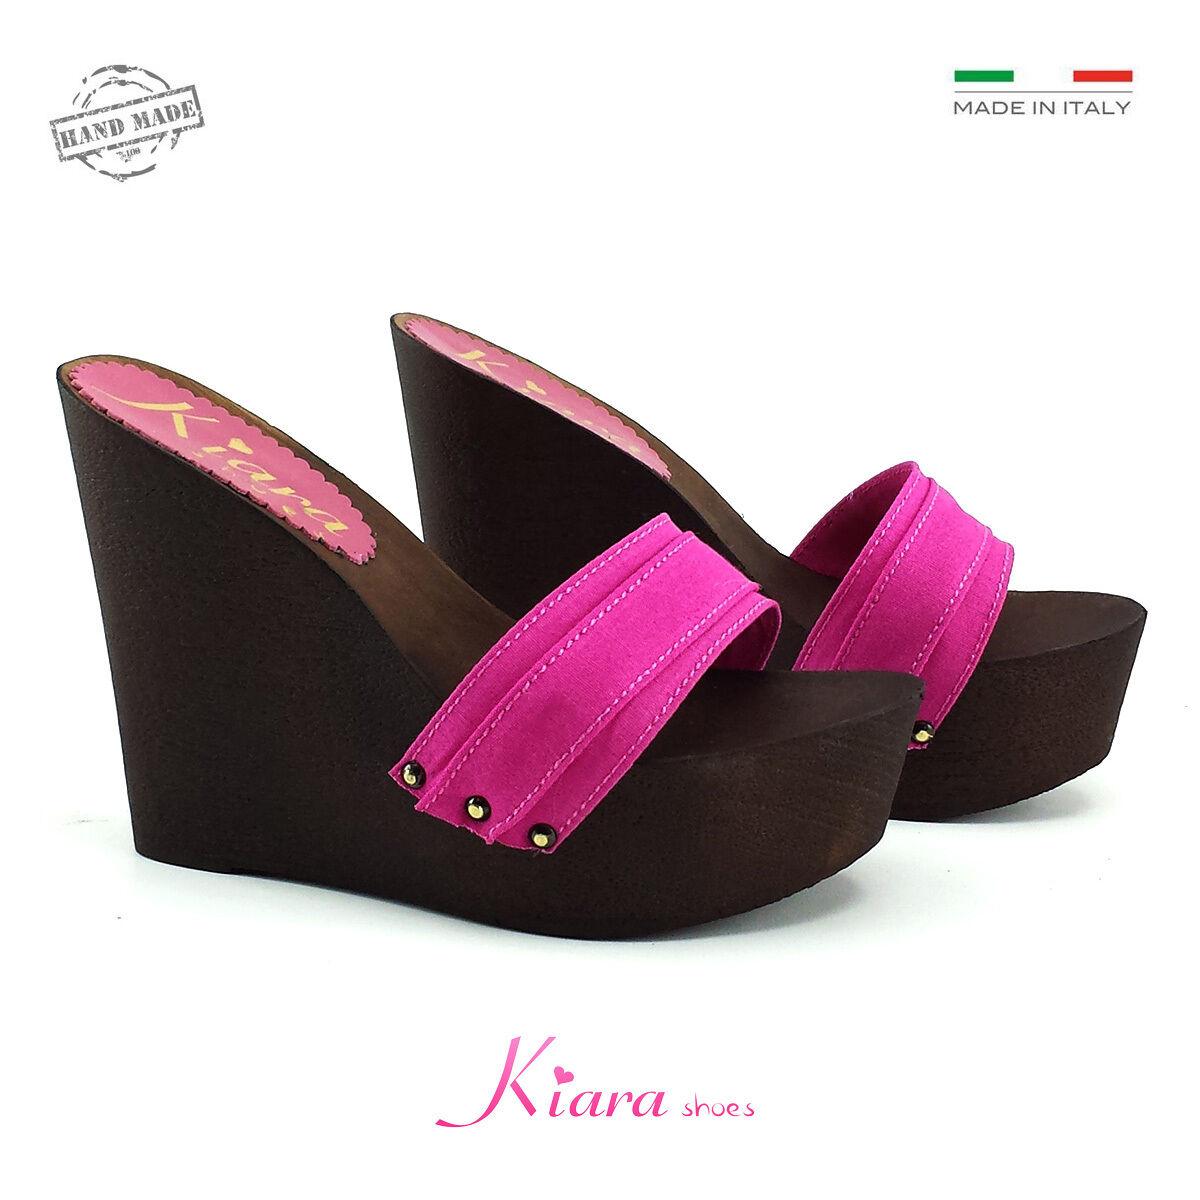 Zeppe Zatteroni Zoccoli Fuxia - Schuhe Made in  N. da 35 a 41 - Tacco 13